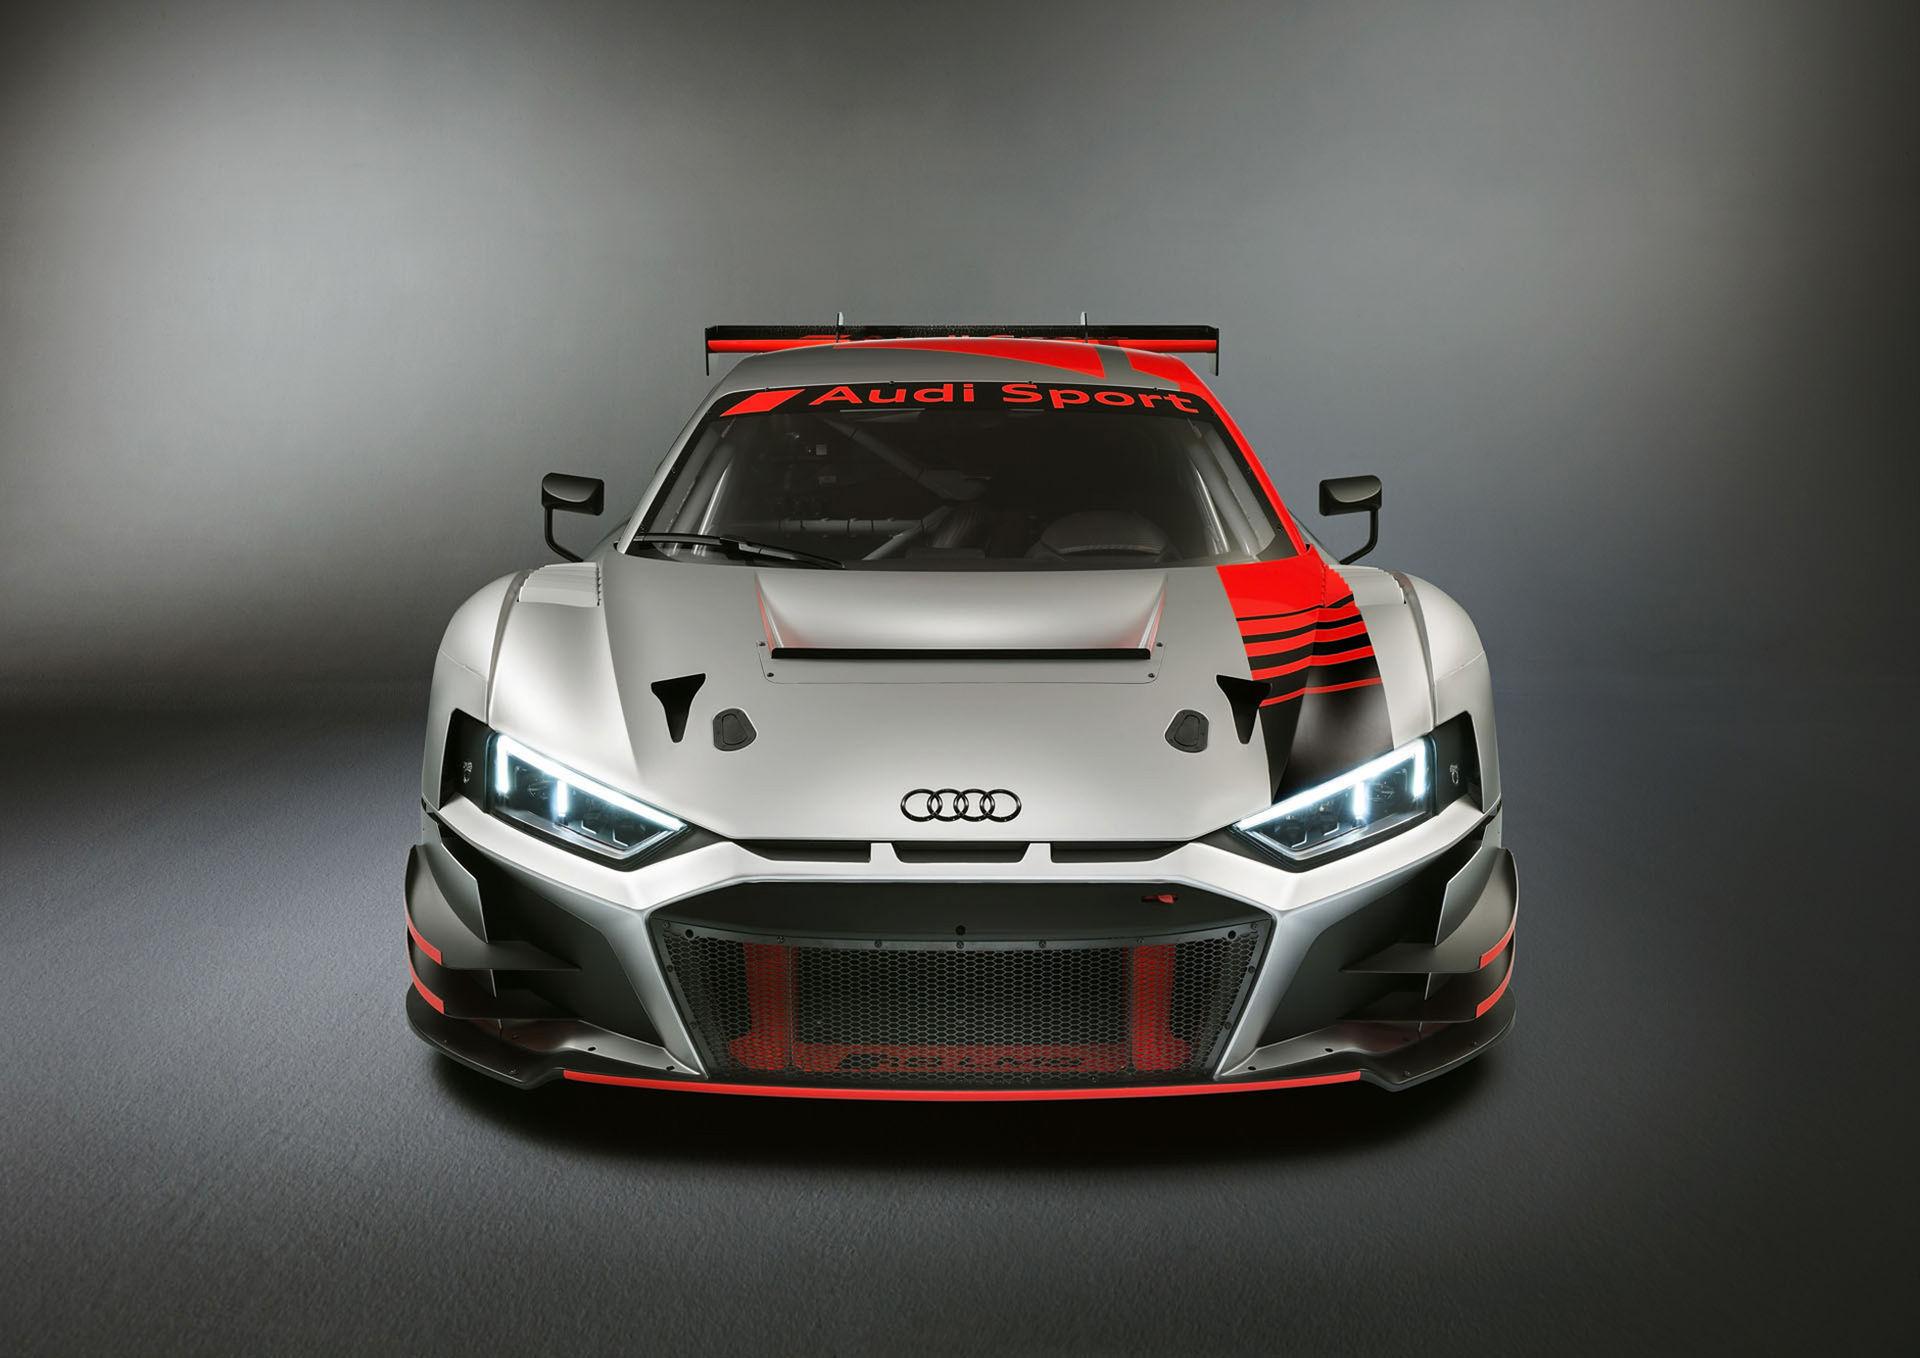 Det var en racerbil under Audis skynke